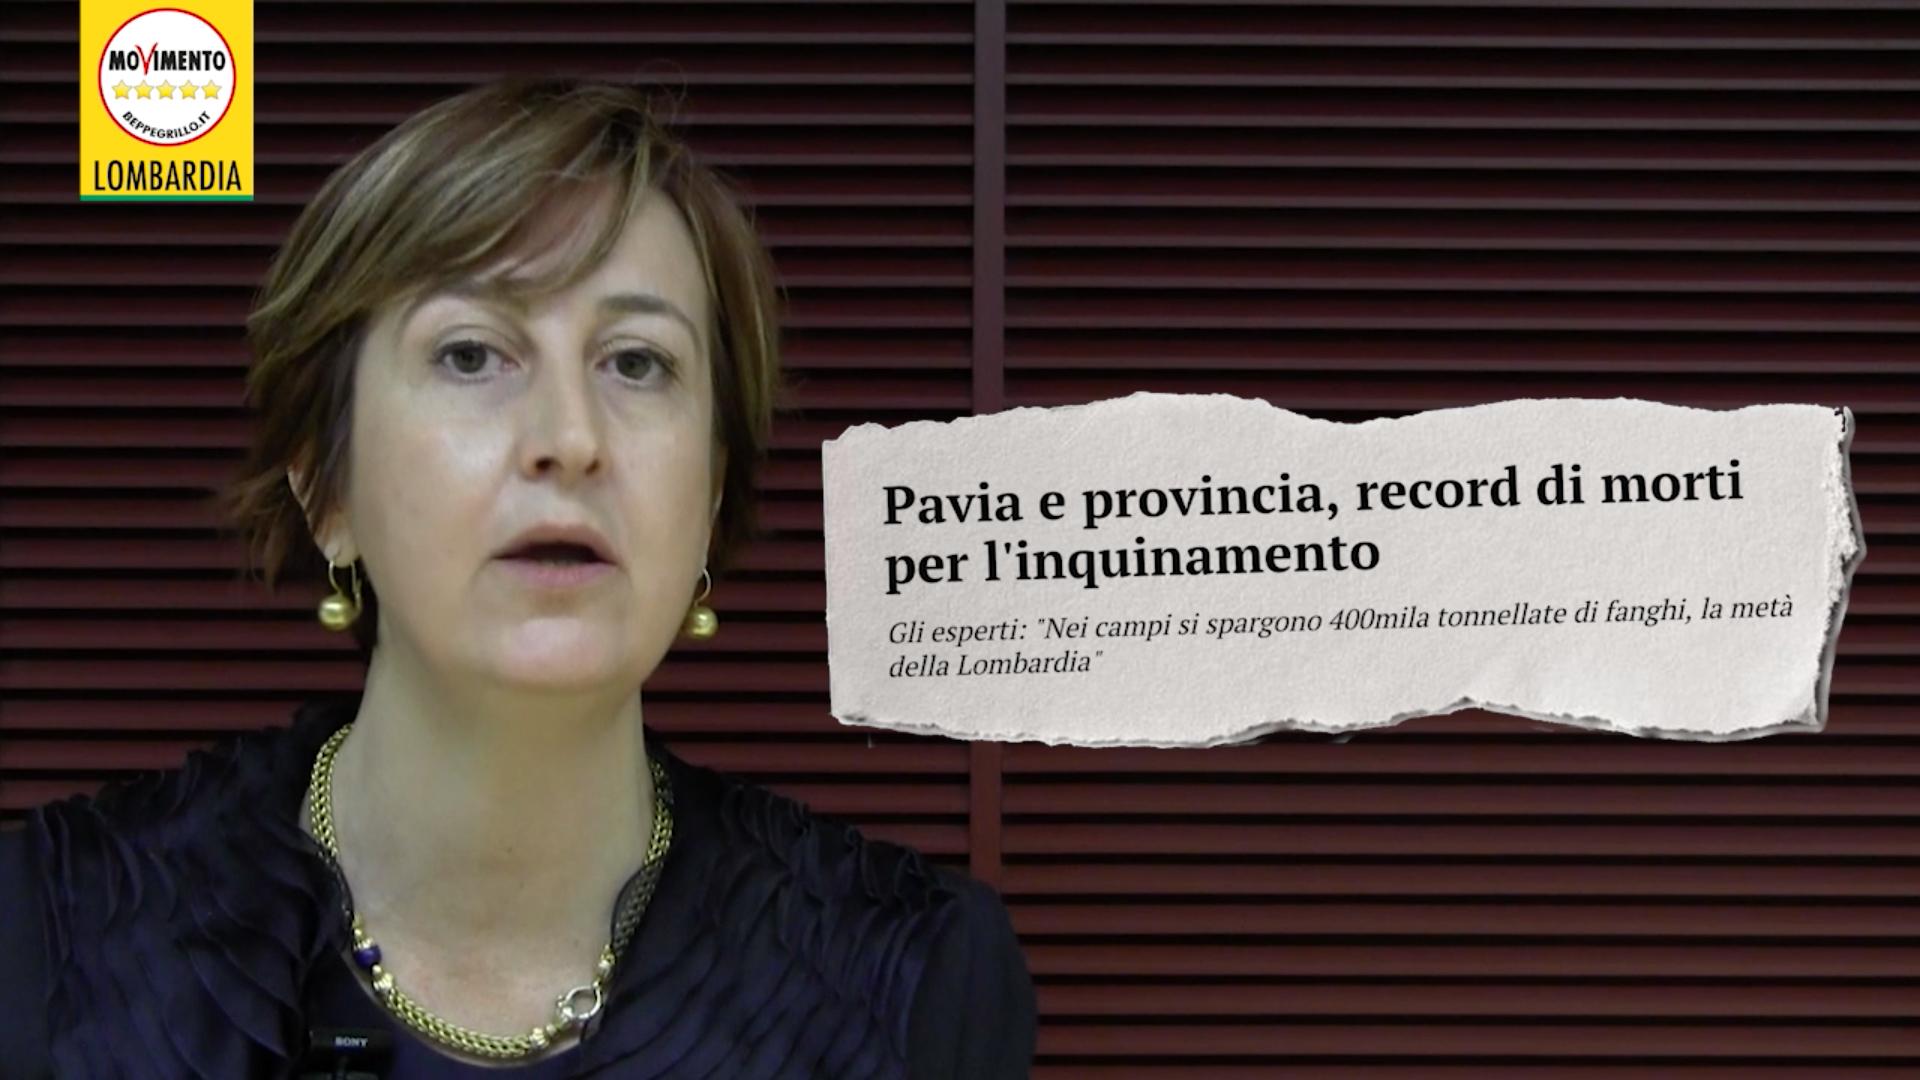 Allarme inquinamento Pavia: la denuncia di Iolanda Nanni (M5S Lombardia)